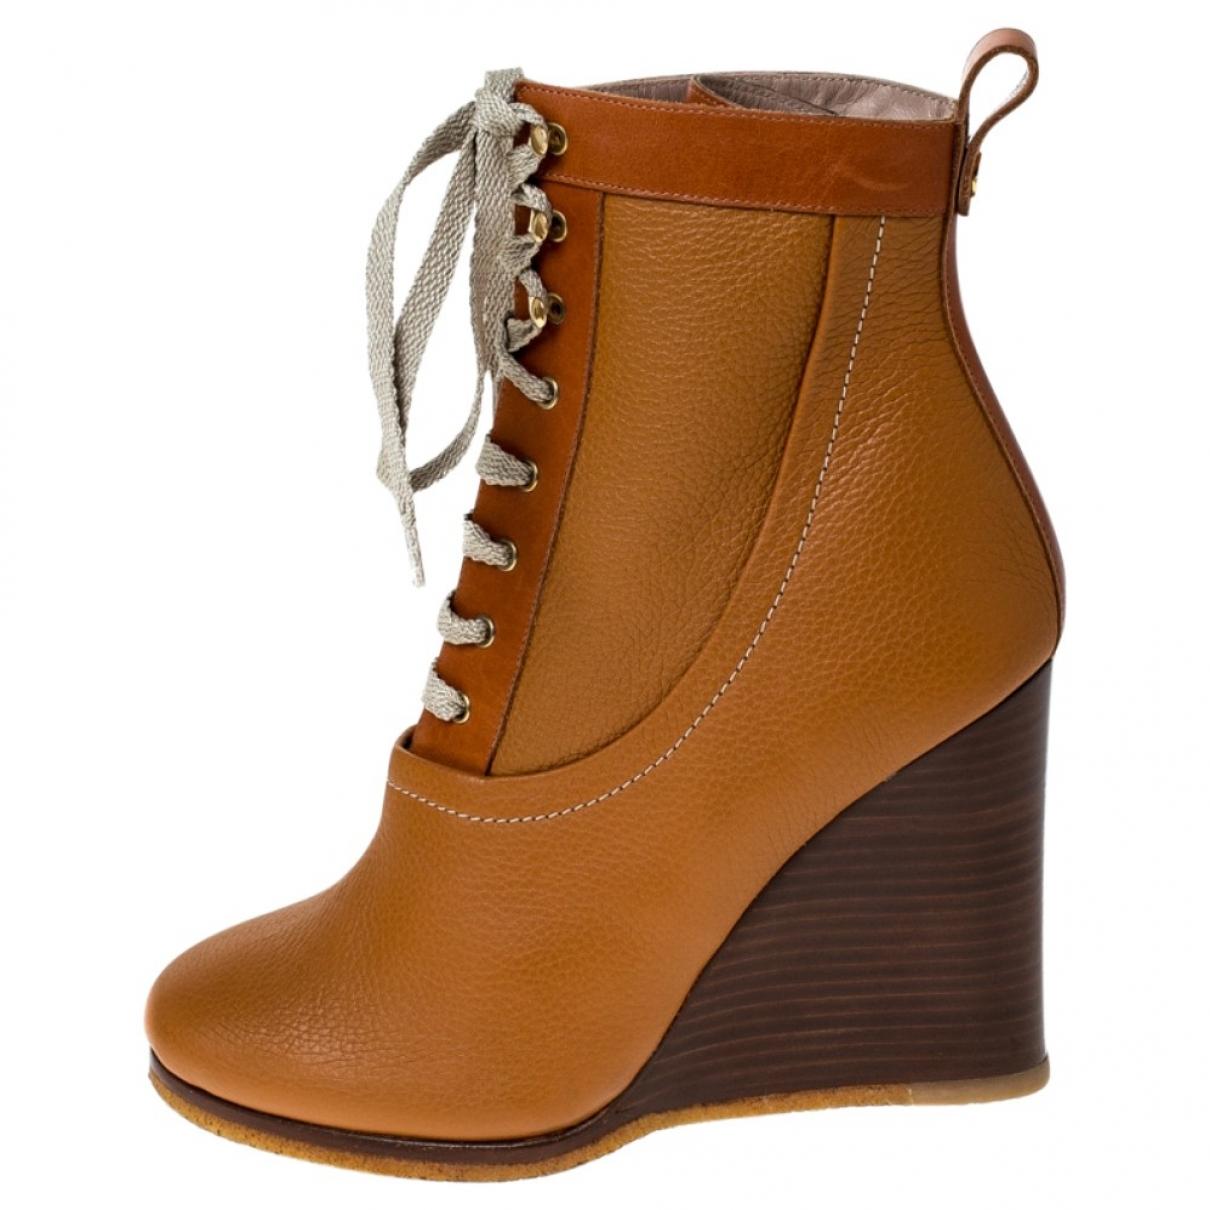 Chloe - Boots River pour femme en cuir - camel